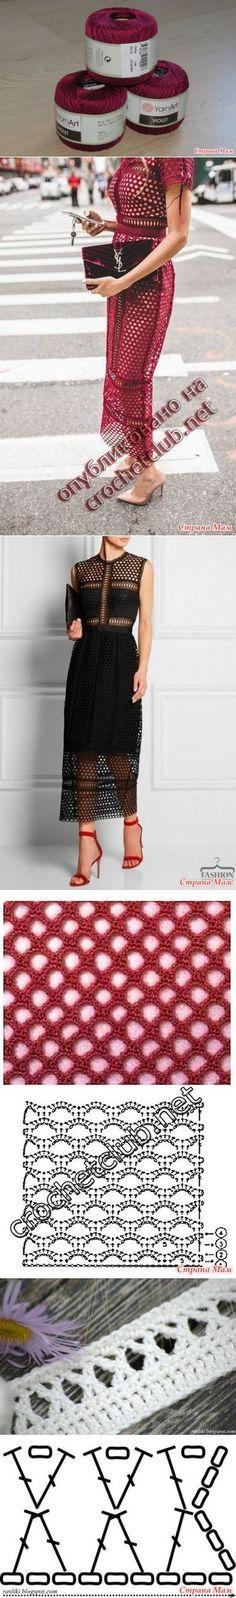 Платье крючком 'Шик по-королевски' в моем исполнении - Вязание - Страна Мам